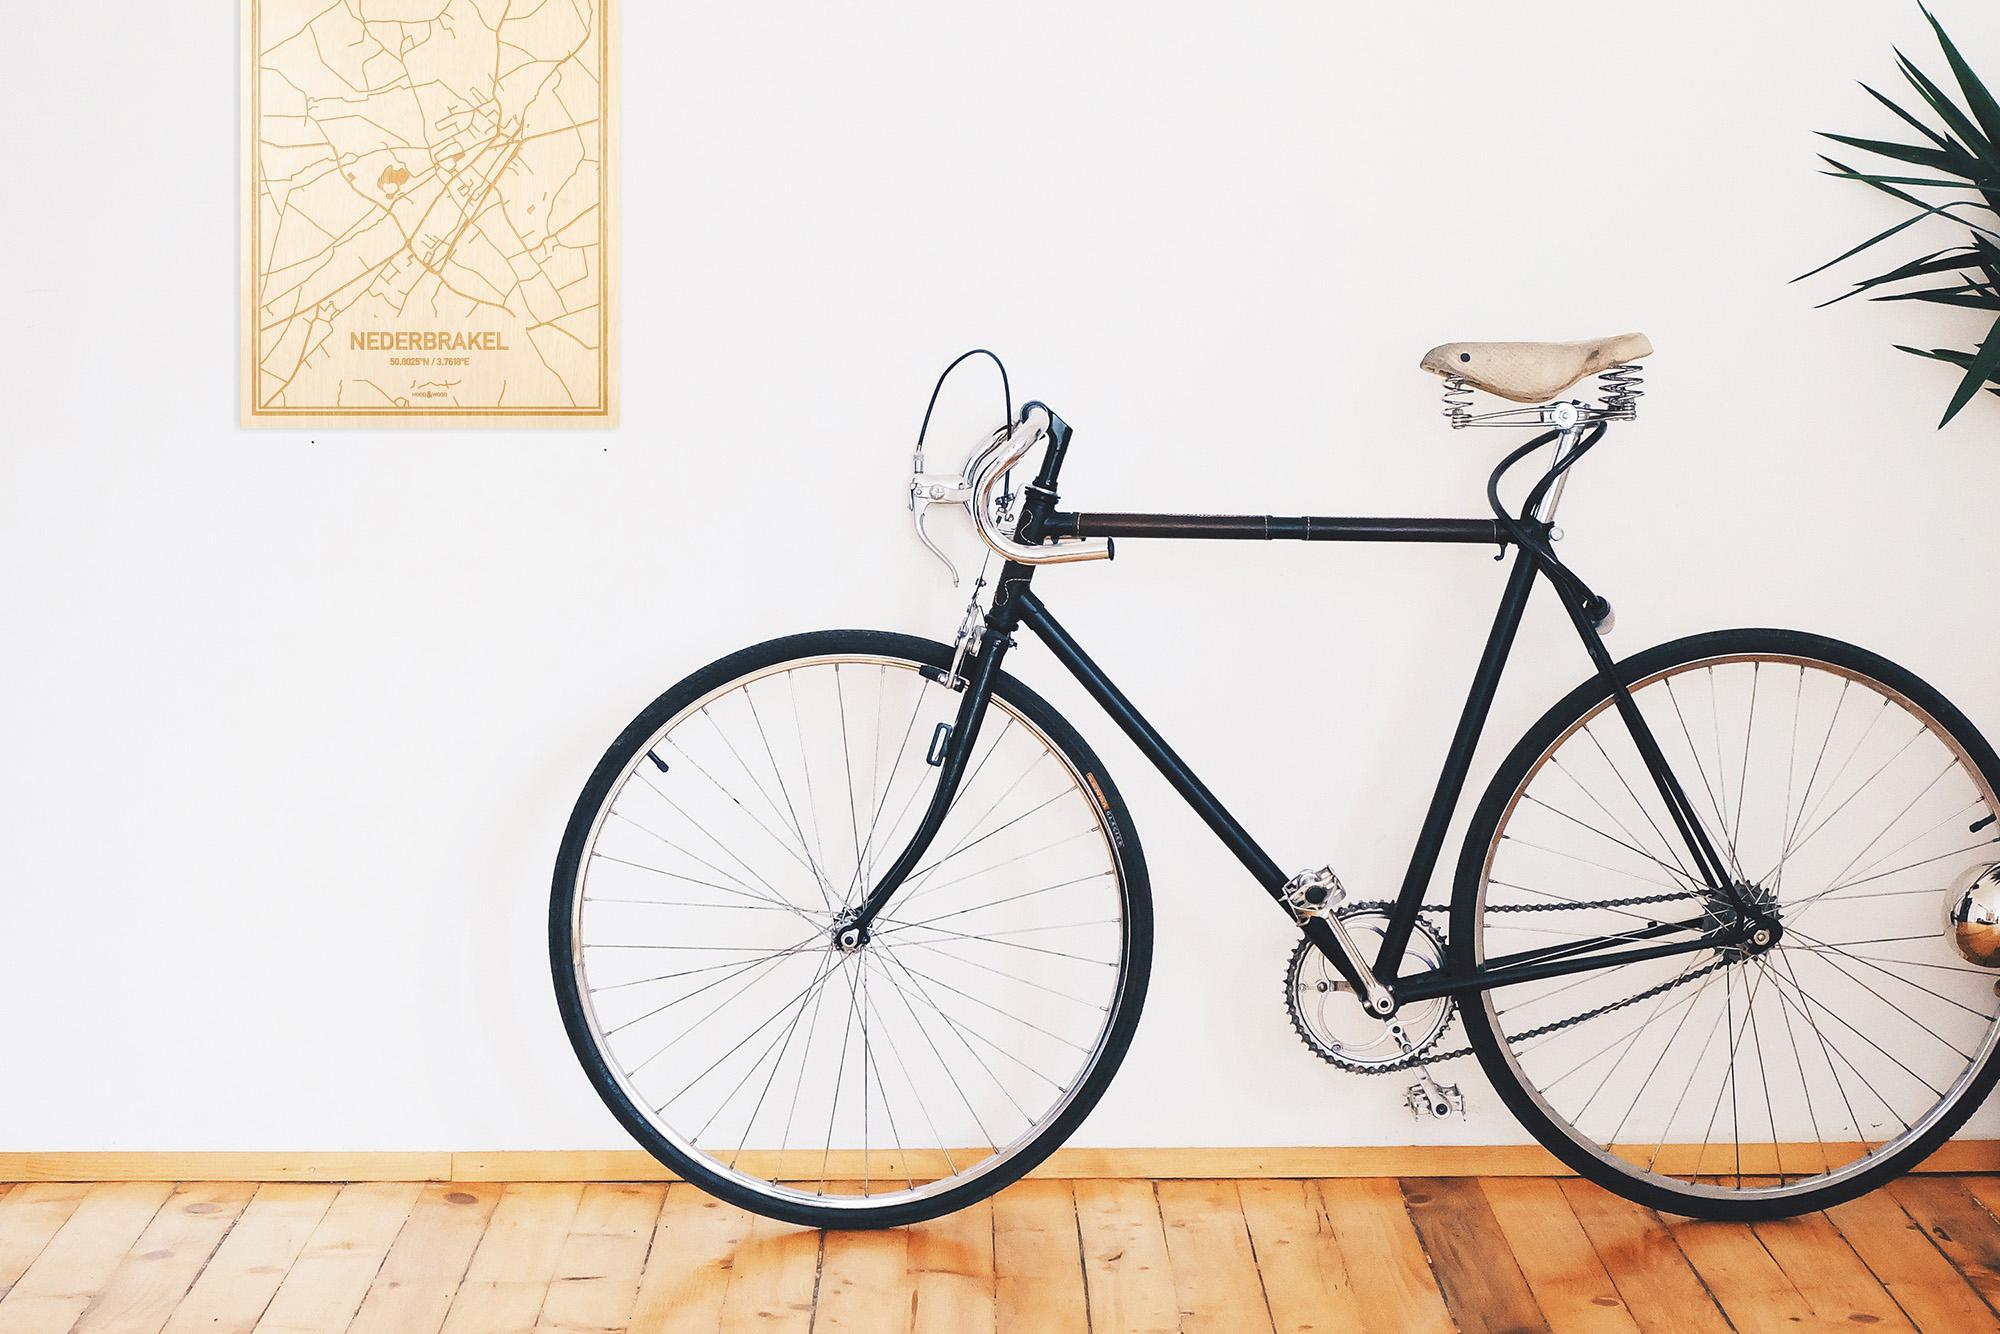 Een snelle fiets in een uniek interieur in Oost-Vlaanderen  met mooie decoratie zoals de plattegrond Nederbrakel.